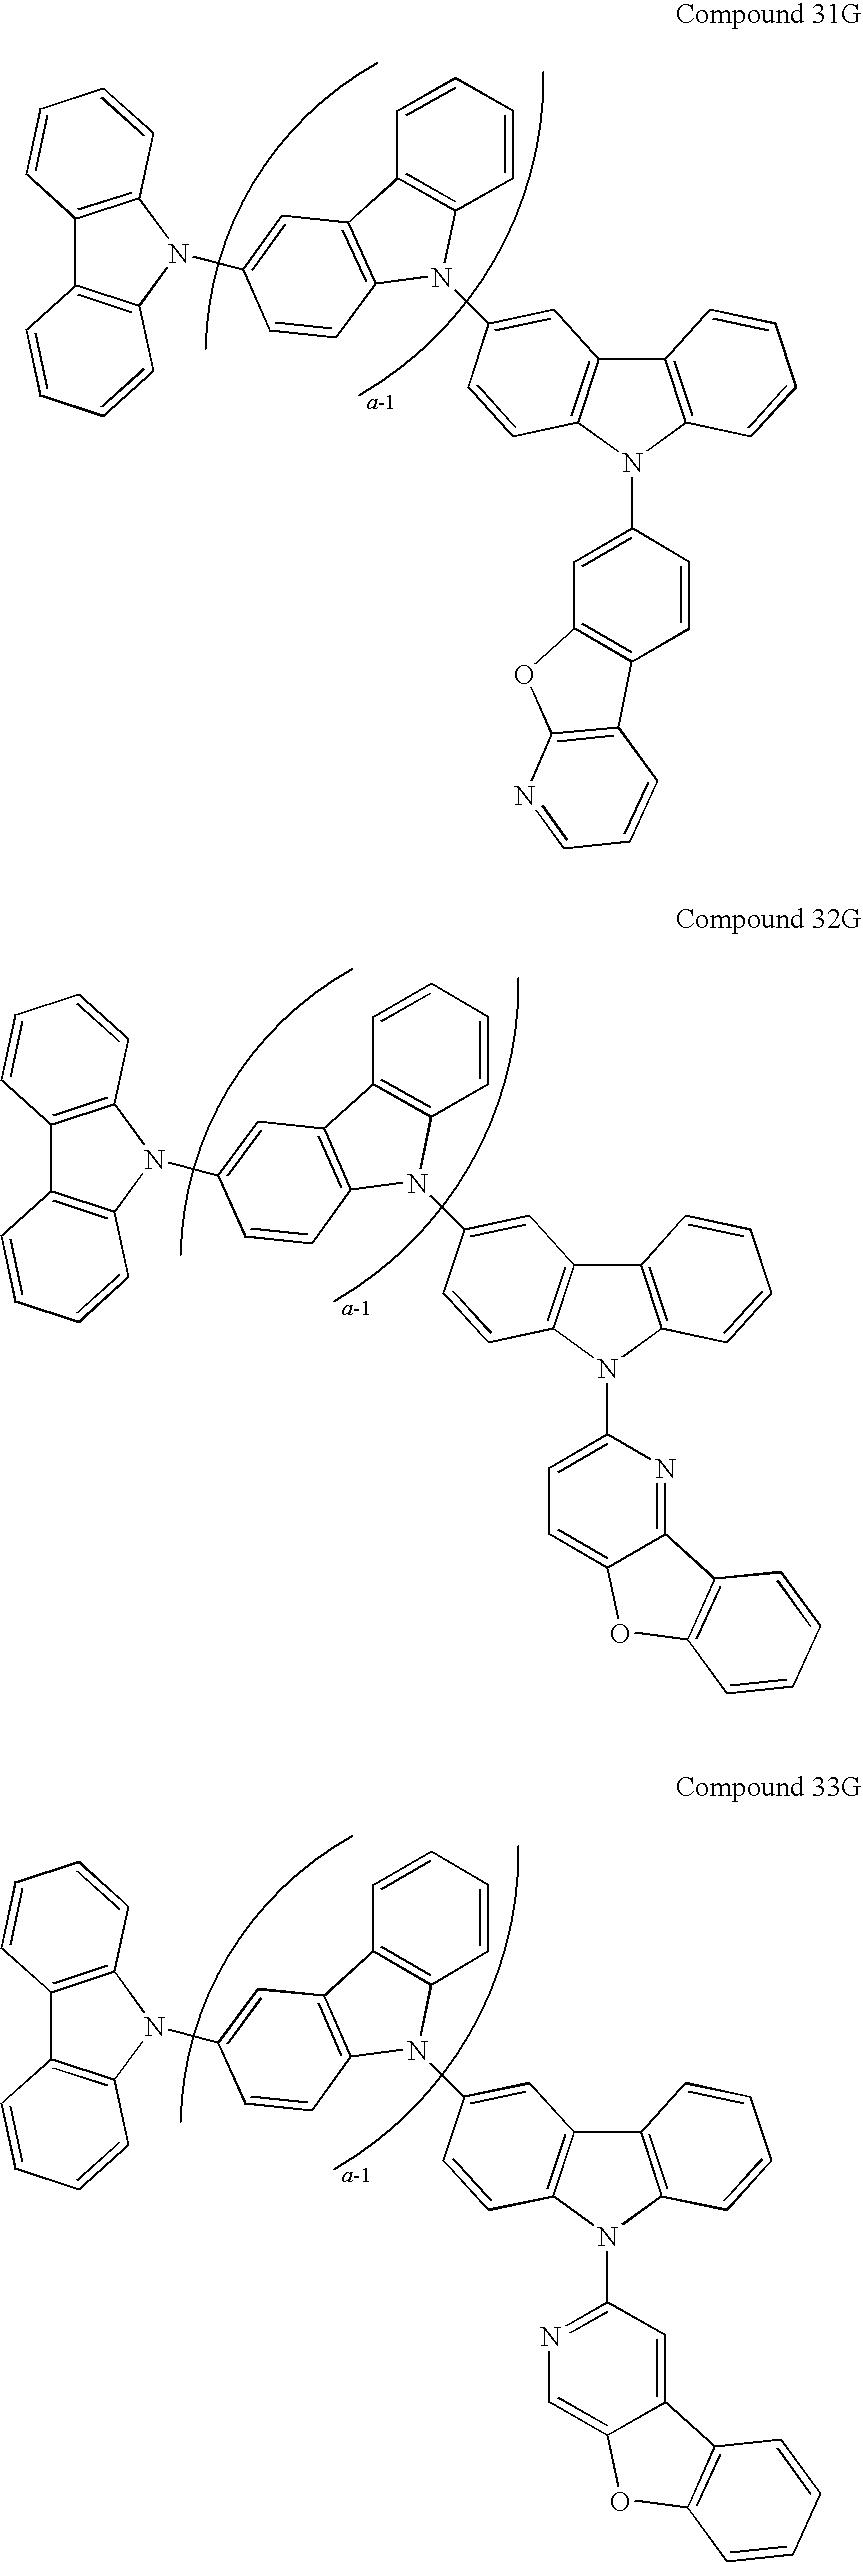 Figure US20090134784A1-20090528-C00209